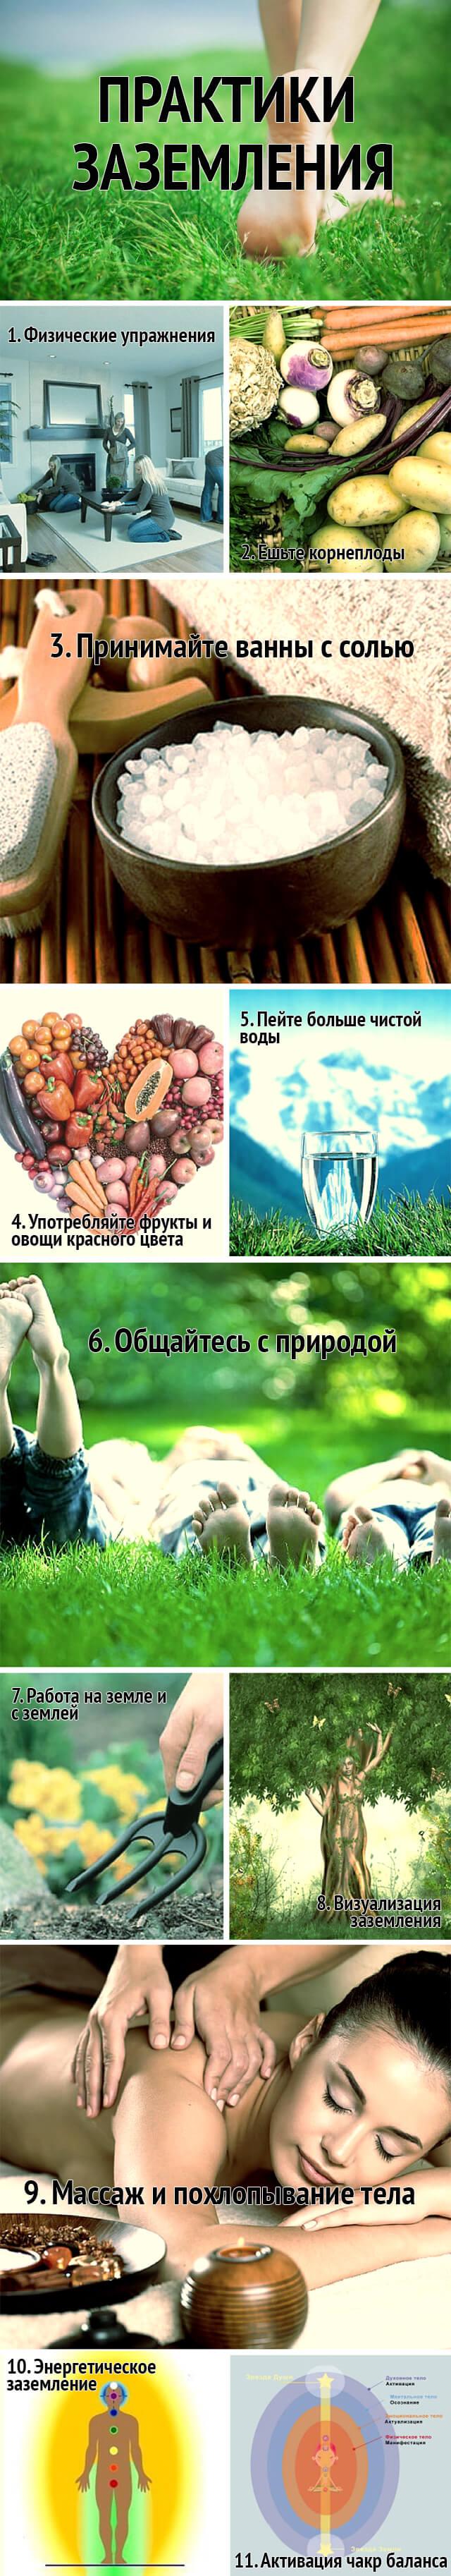 Голодание: Как не улетать во время голодания, диеты или поста